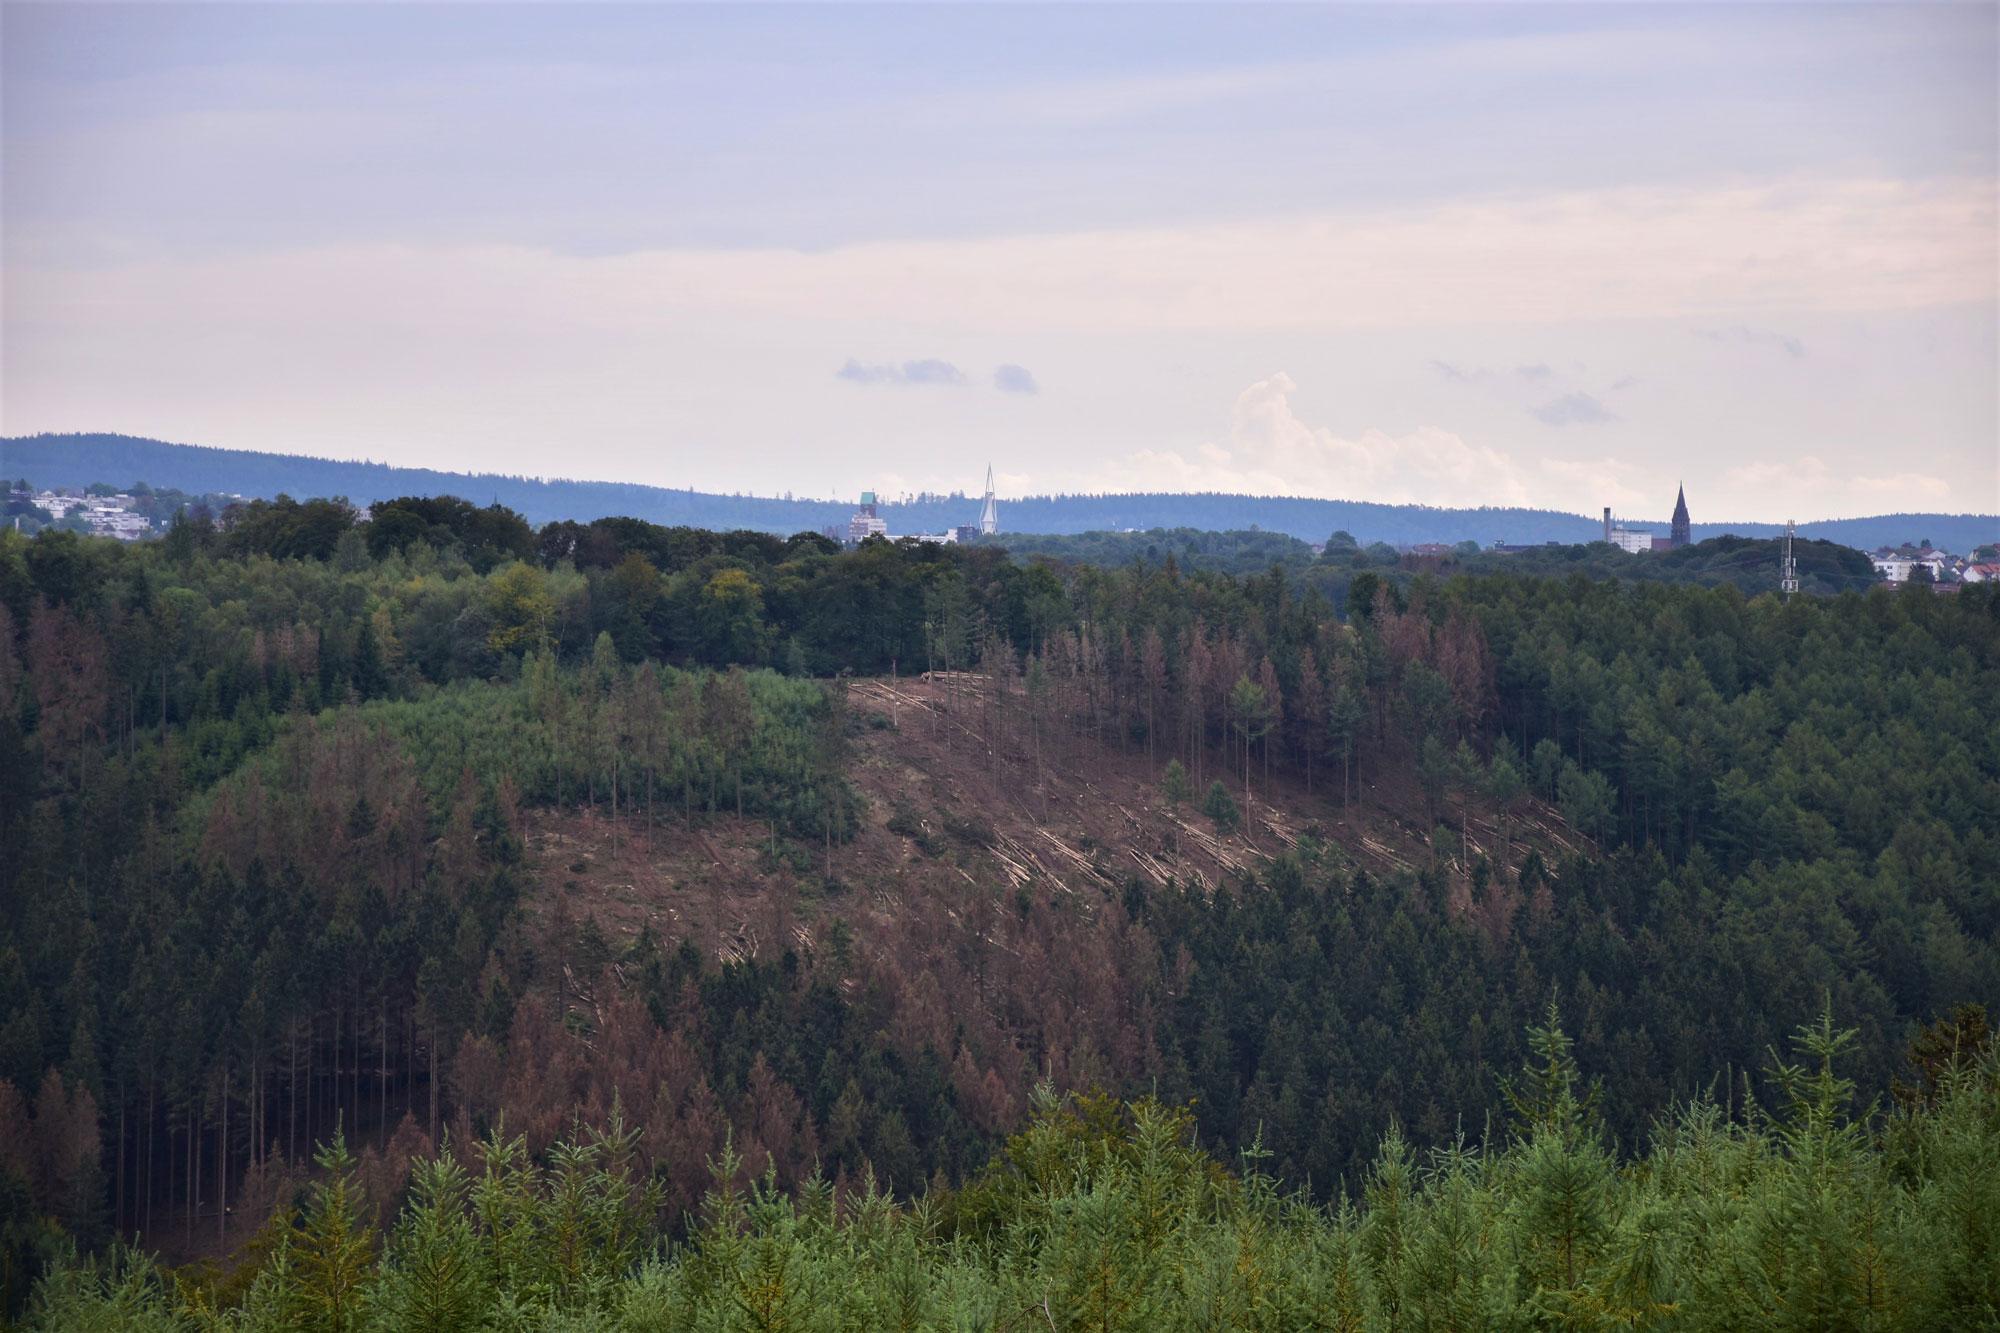 Das Baumsterben im Märkischen Kreis greift um sich. (Foto: Alena Scharrenbroich/Wald und Holz)